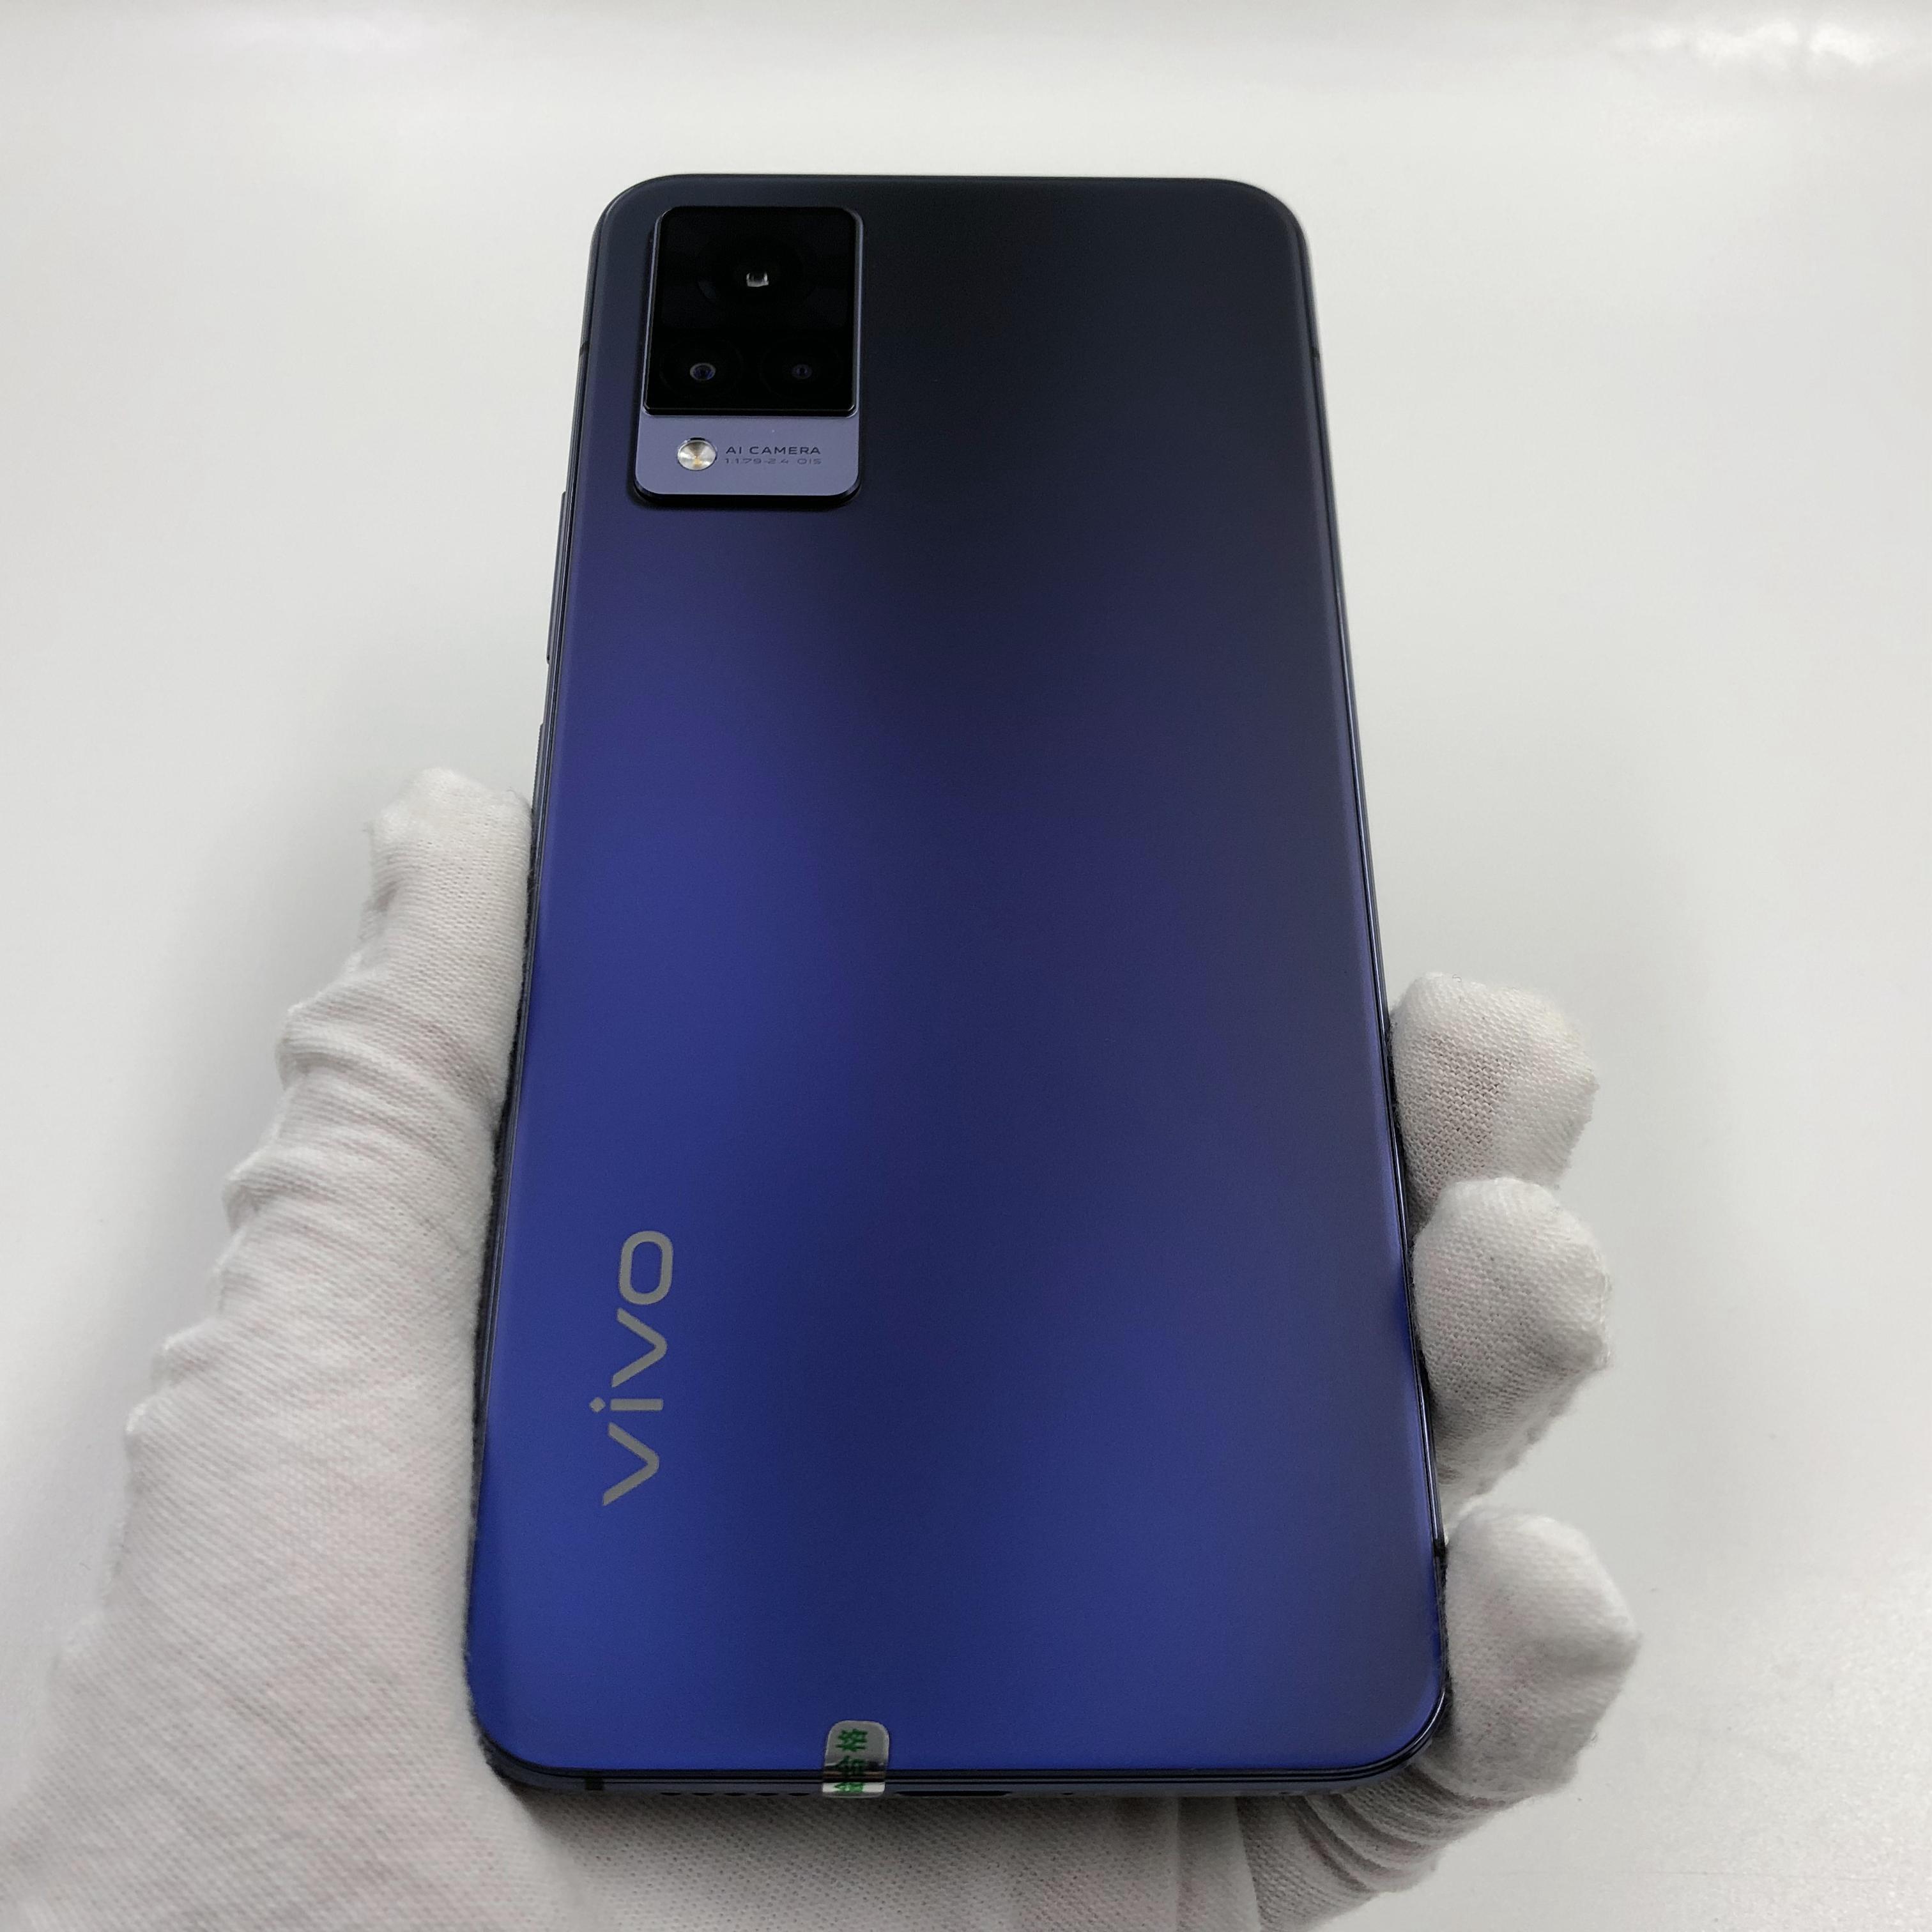 vivo【S9 5G】5G全网通 子夜蓝 8G/128G 国行 99新 真机实拍